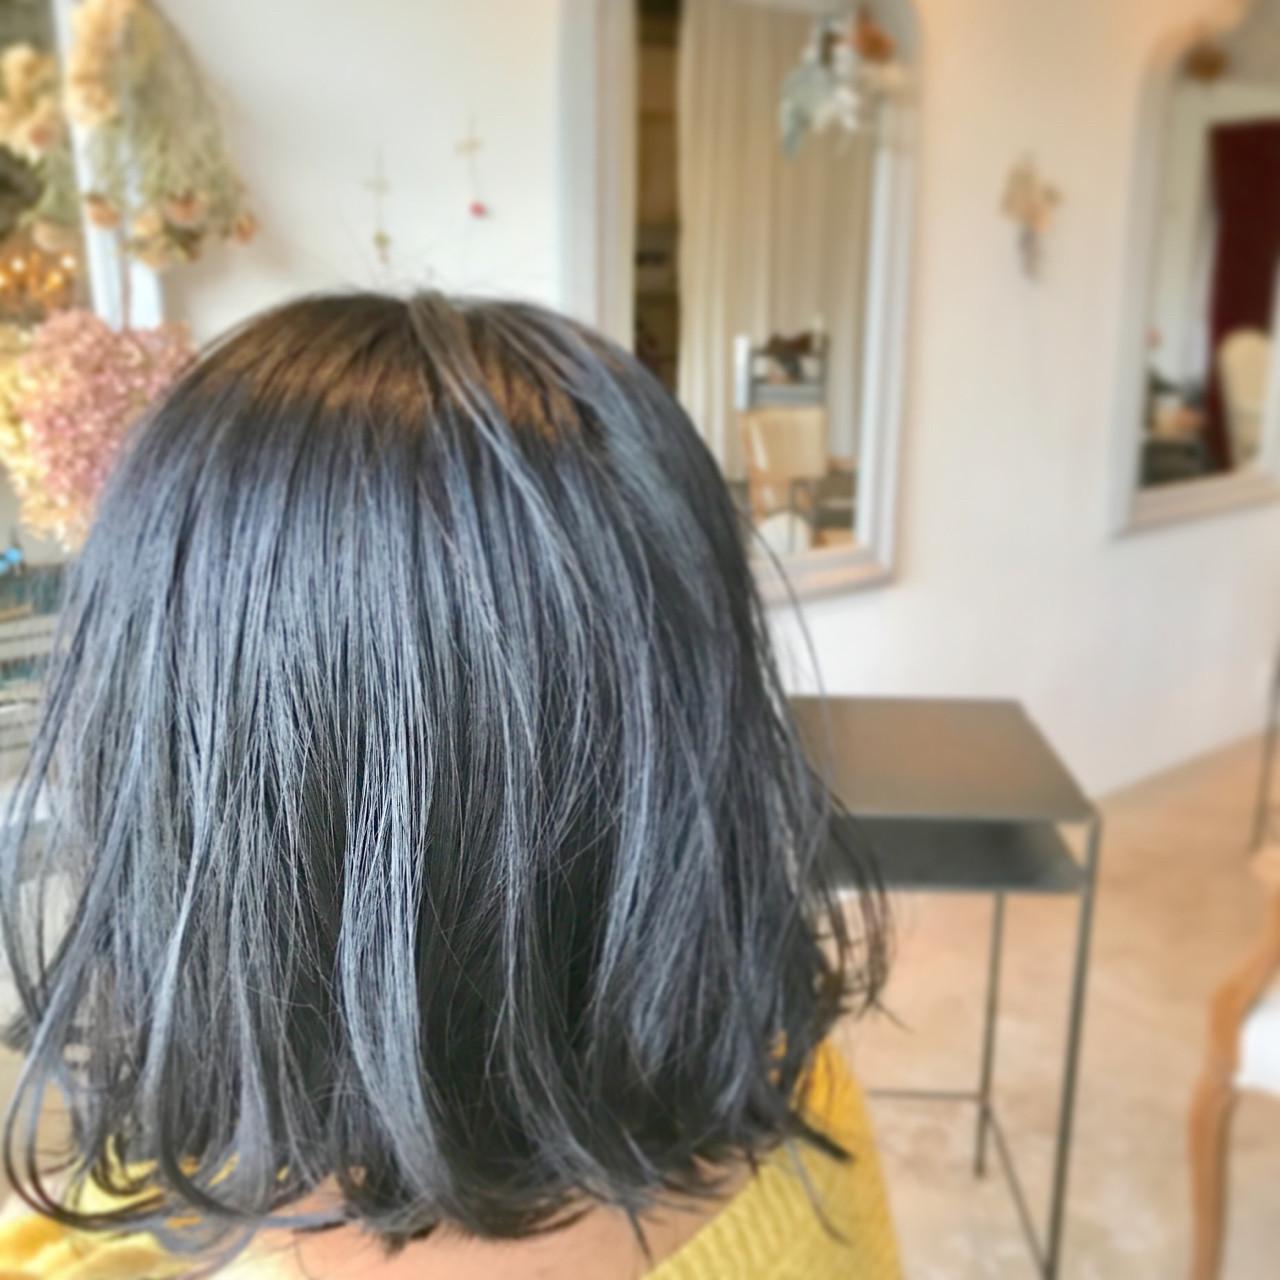 大人女子 切りっぱなし ボブ ナチュラル ヘアスタイルや髪型の写真・画像 | 和田 成泰 / LAXA HAIR WORKS